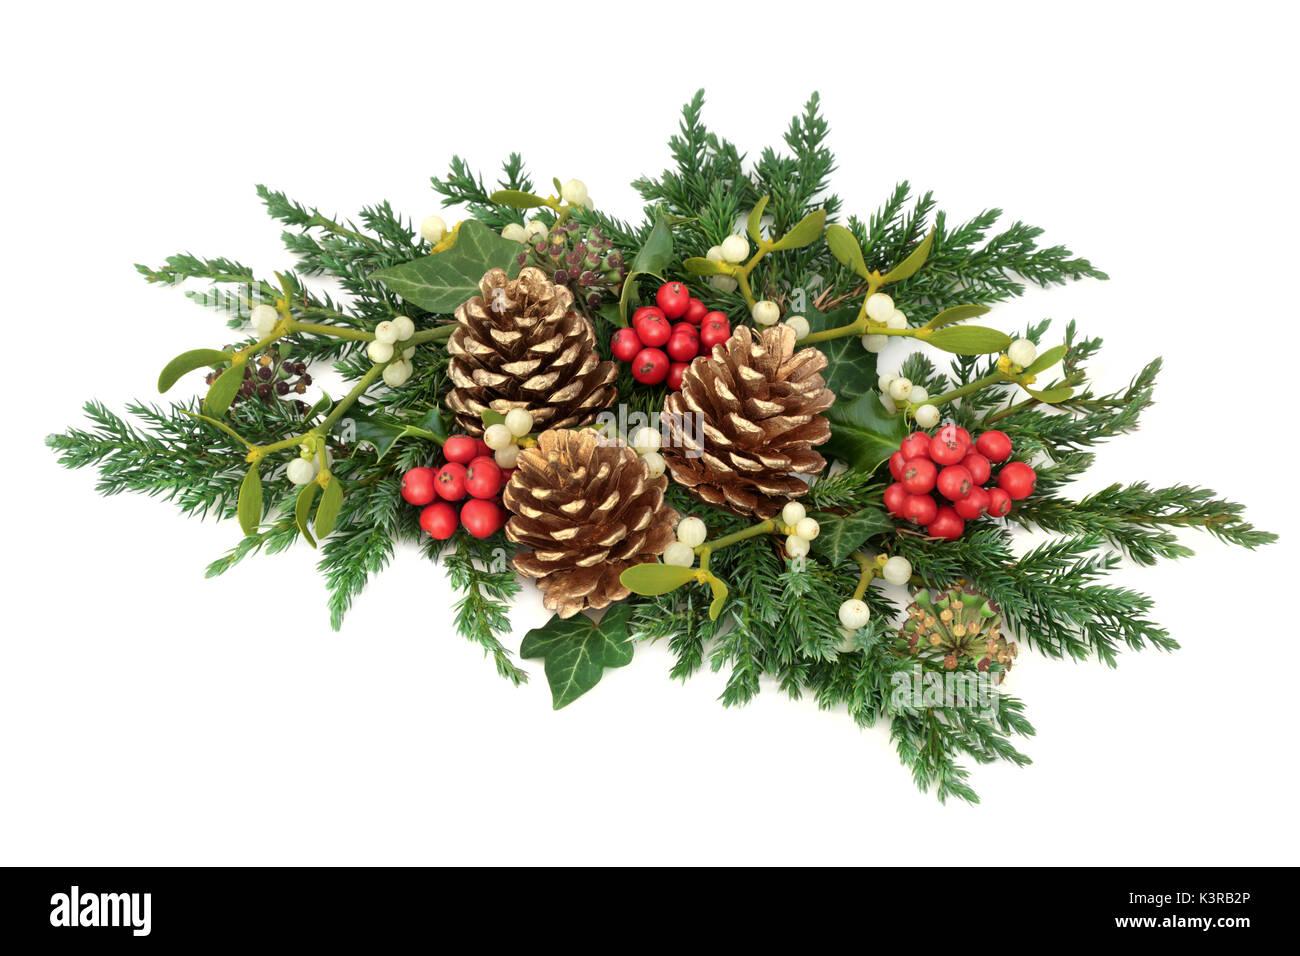 D coration florale de no l avec des pommes de pin d 39 or de houx du gui de c dre et de cypr s - Decoration de noel avec du houx ...